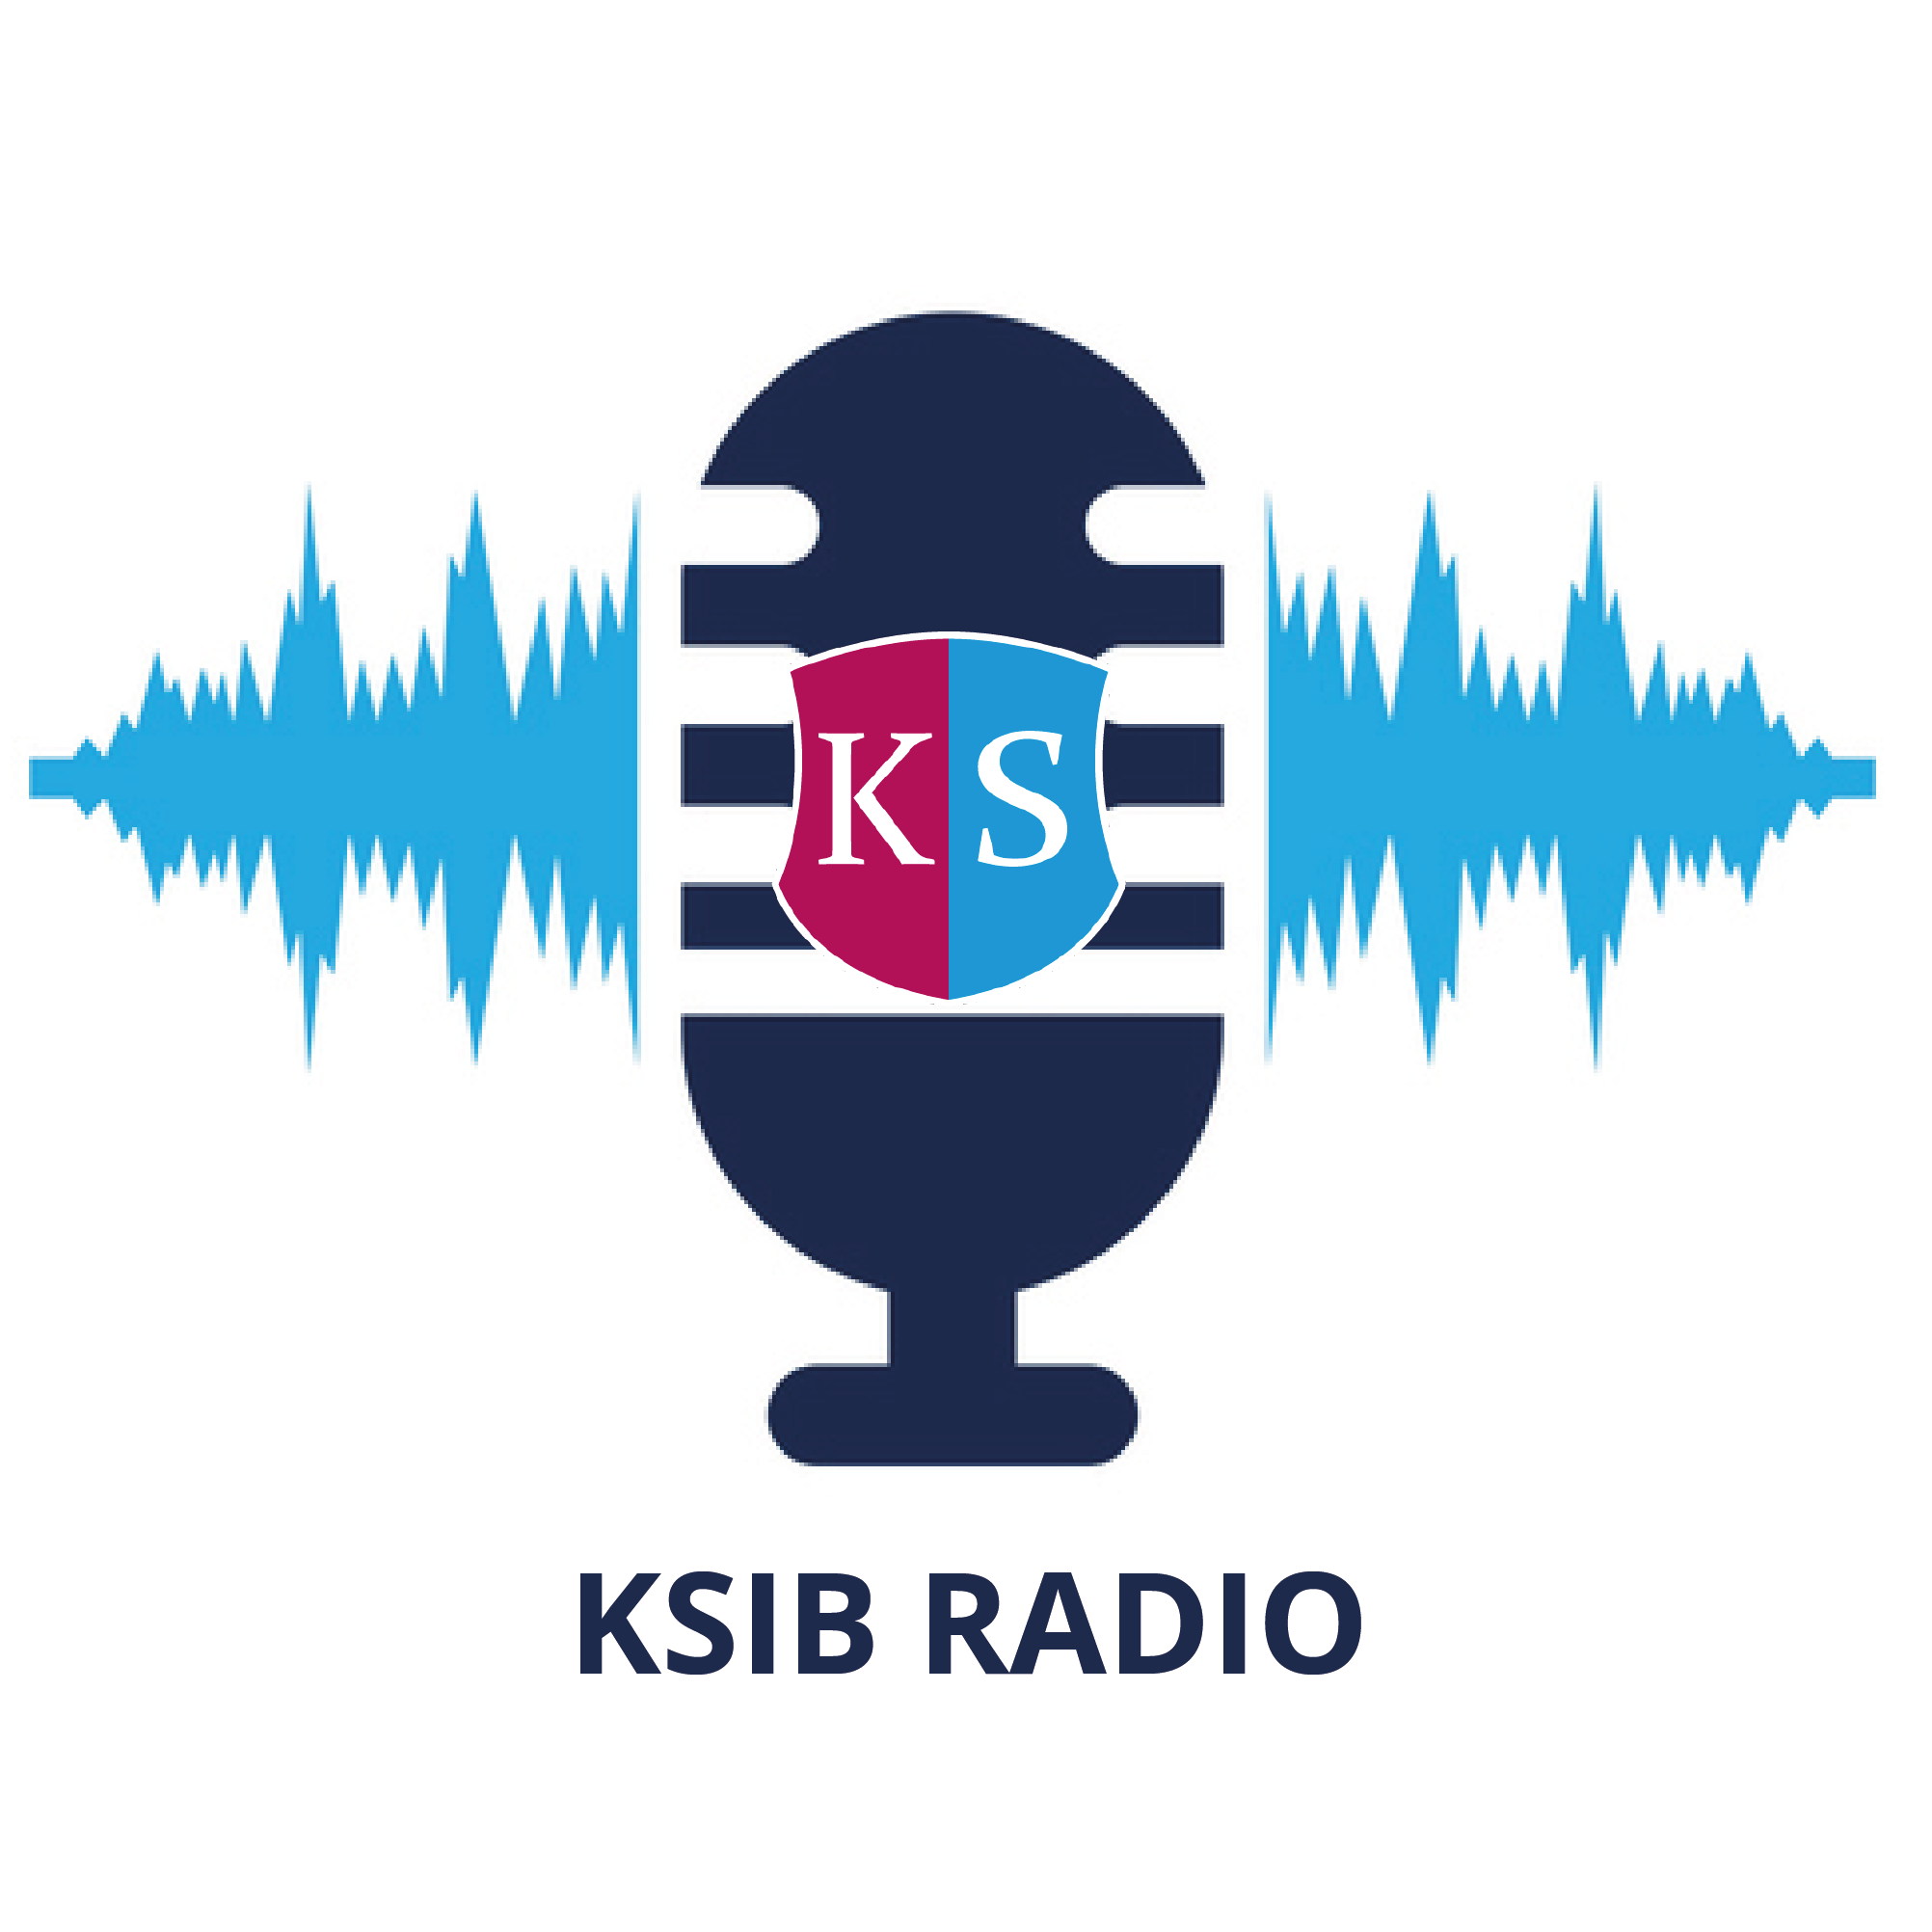 .:KSIB Radio:.